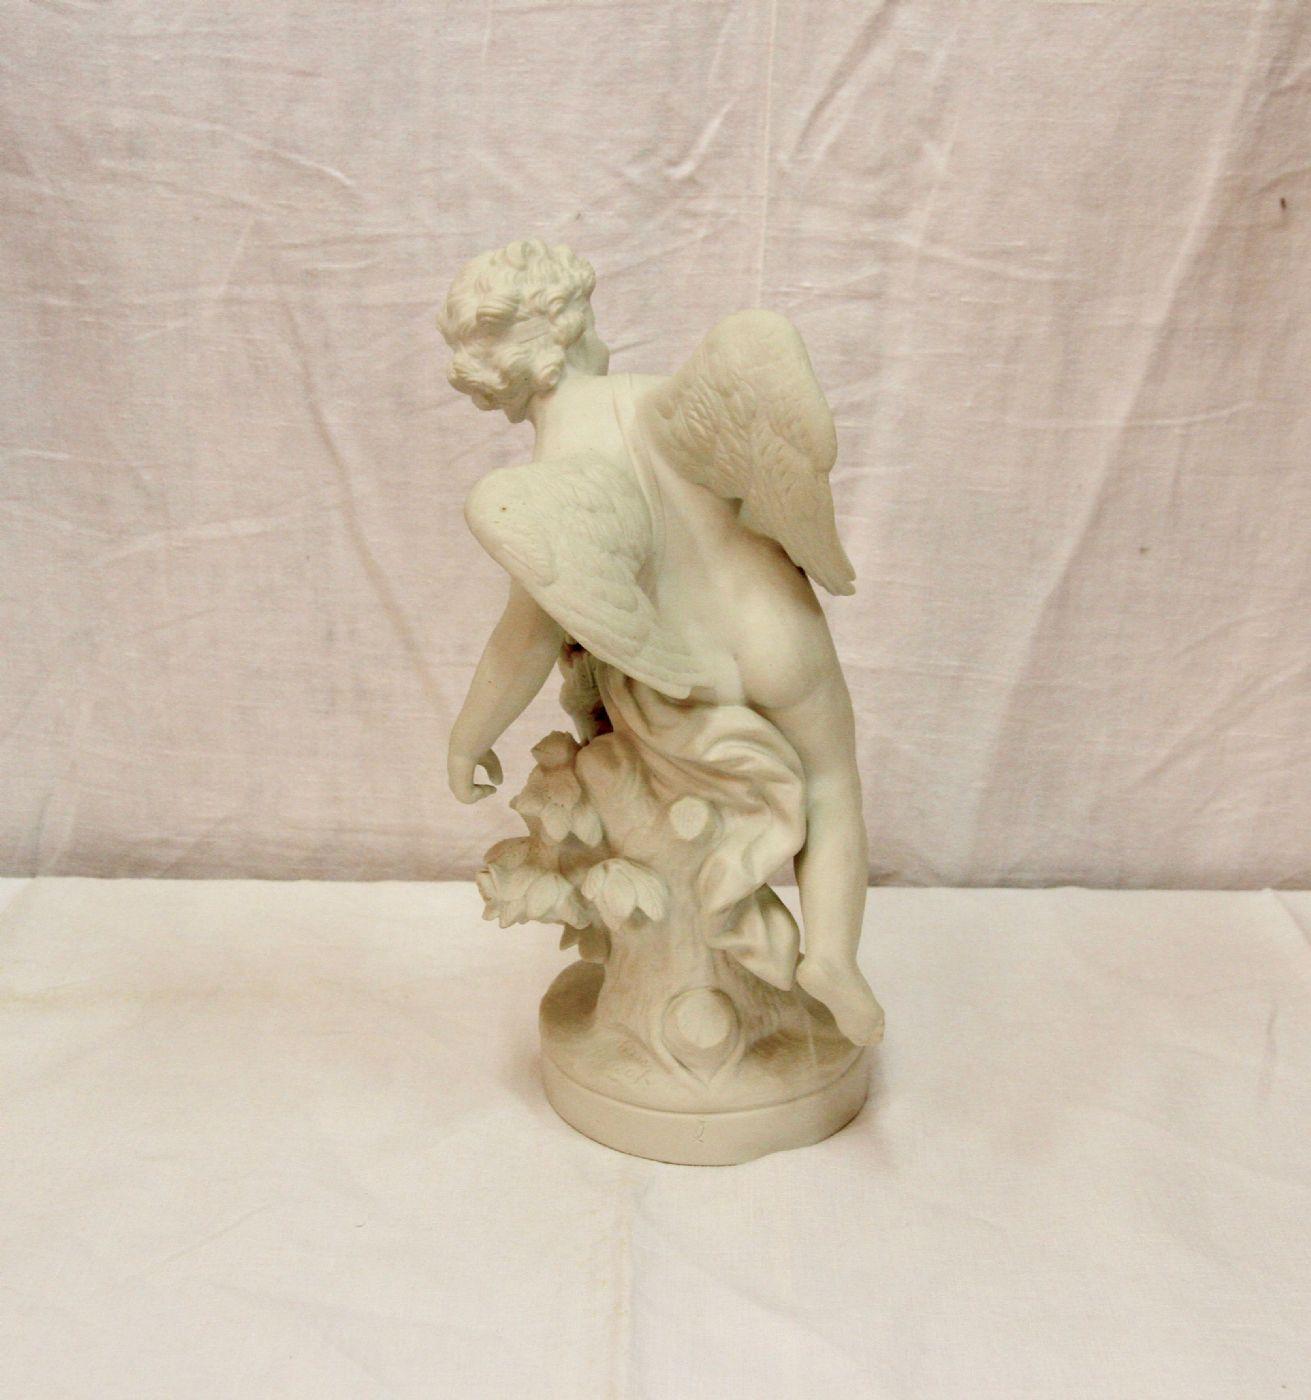 thumb5|Biscotto con Cupido, fine XIX° / inizio XX°